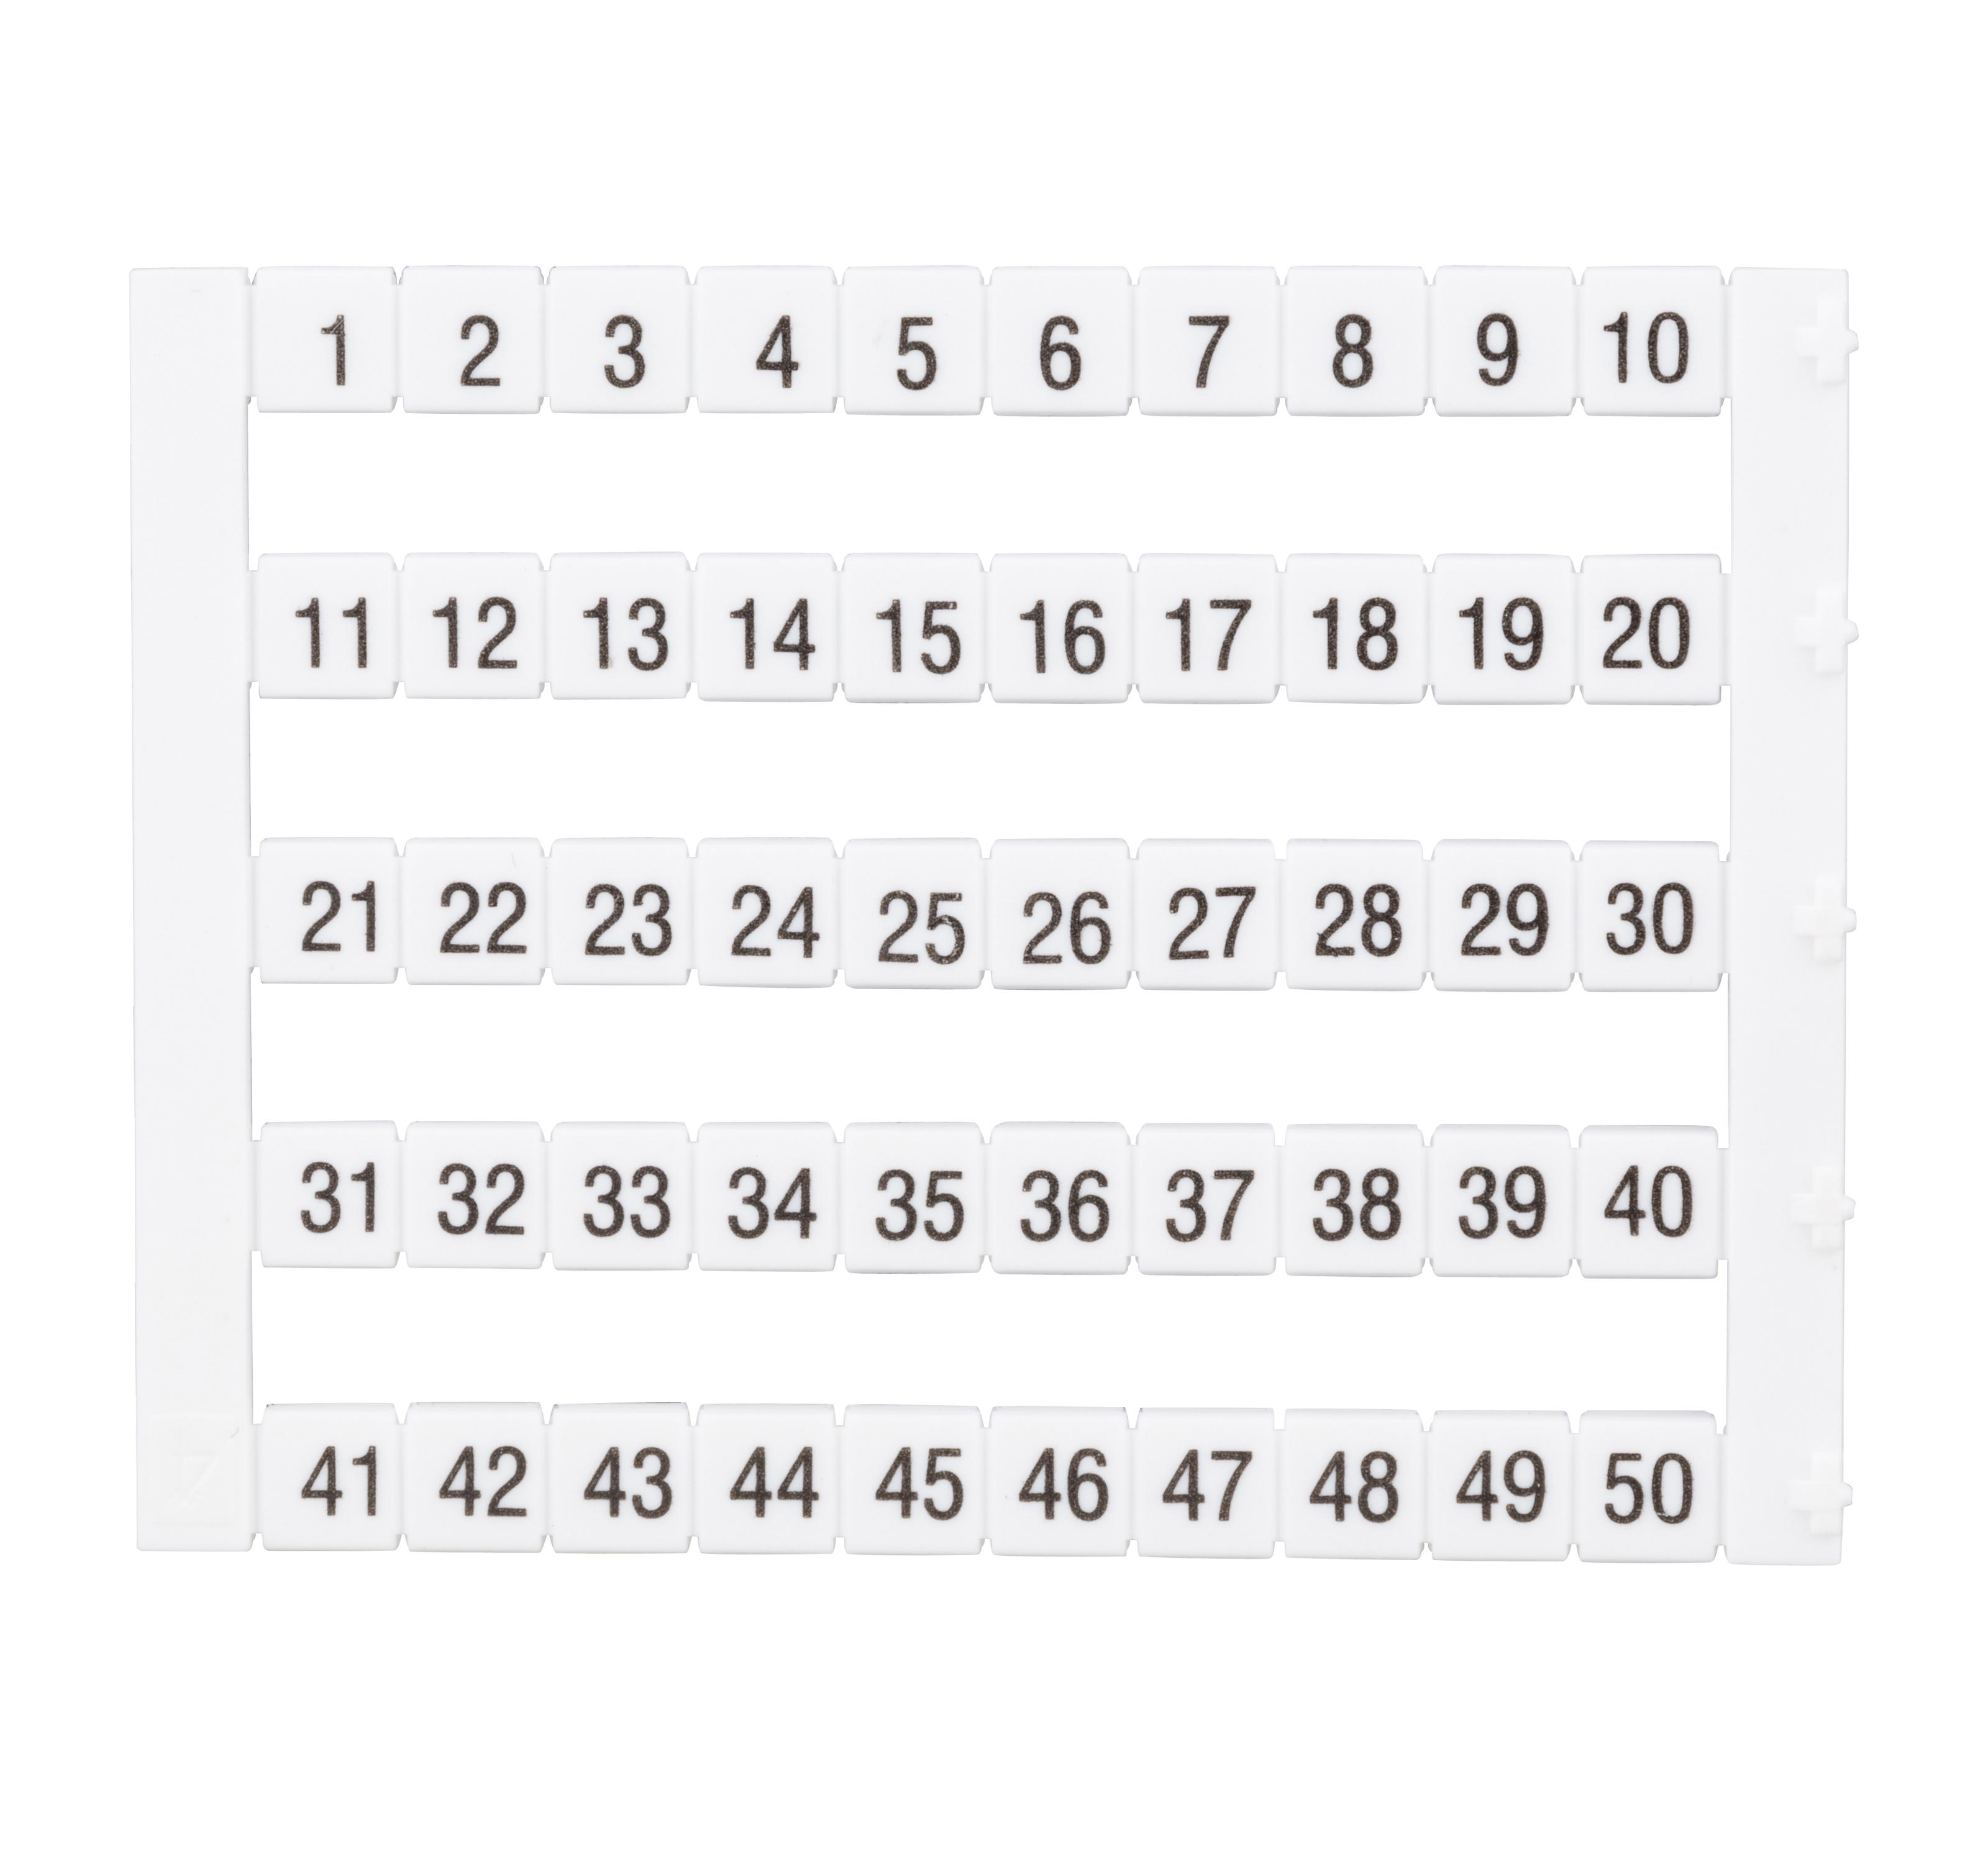 1 Stk Markierungsetikette Dekafix DY5-1-50 (50 Zeichen) IK697040--